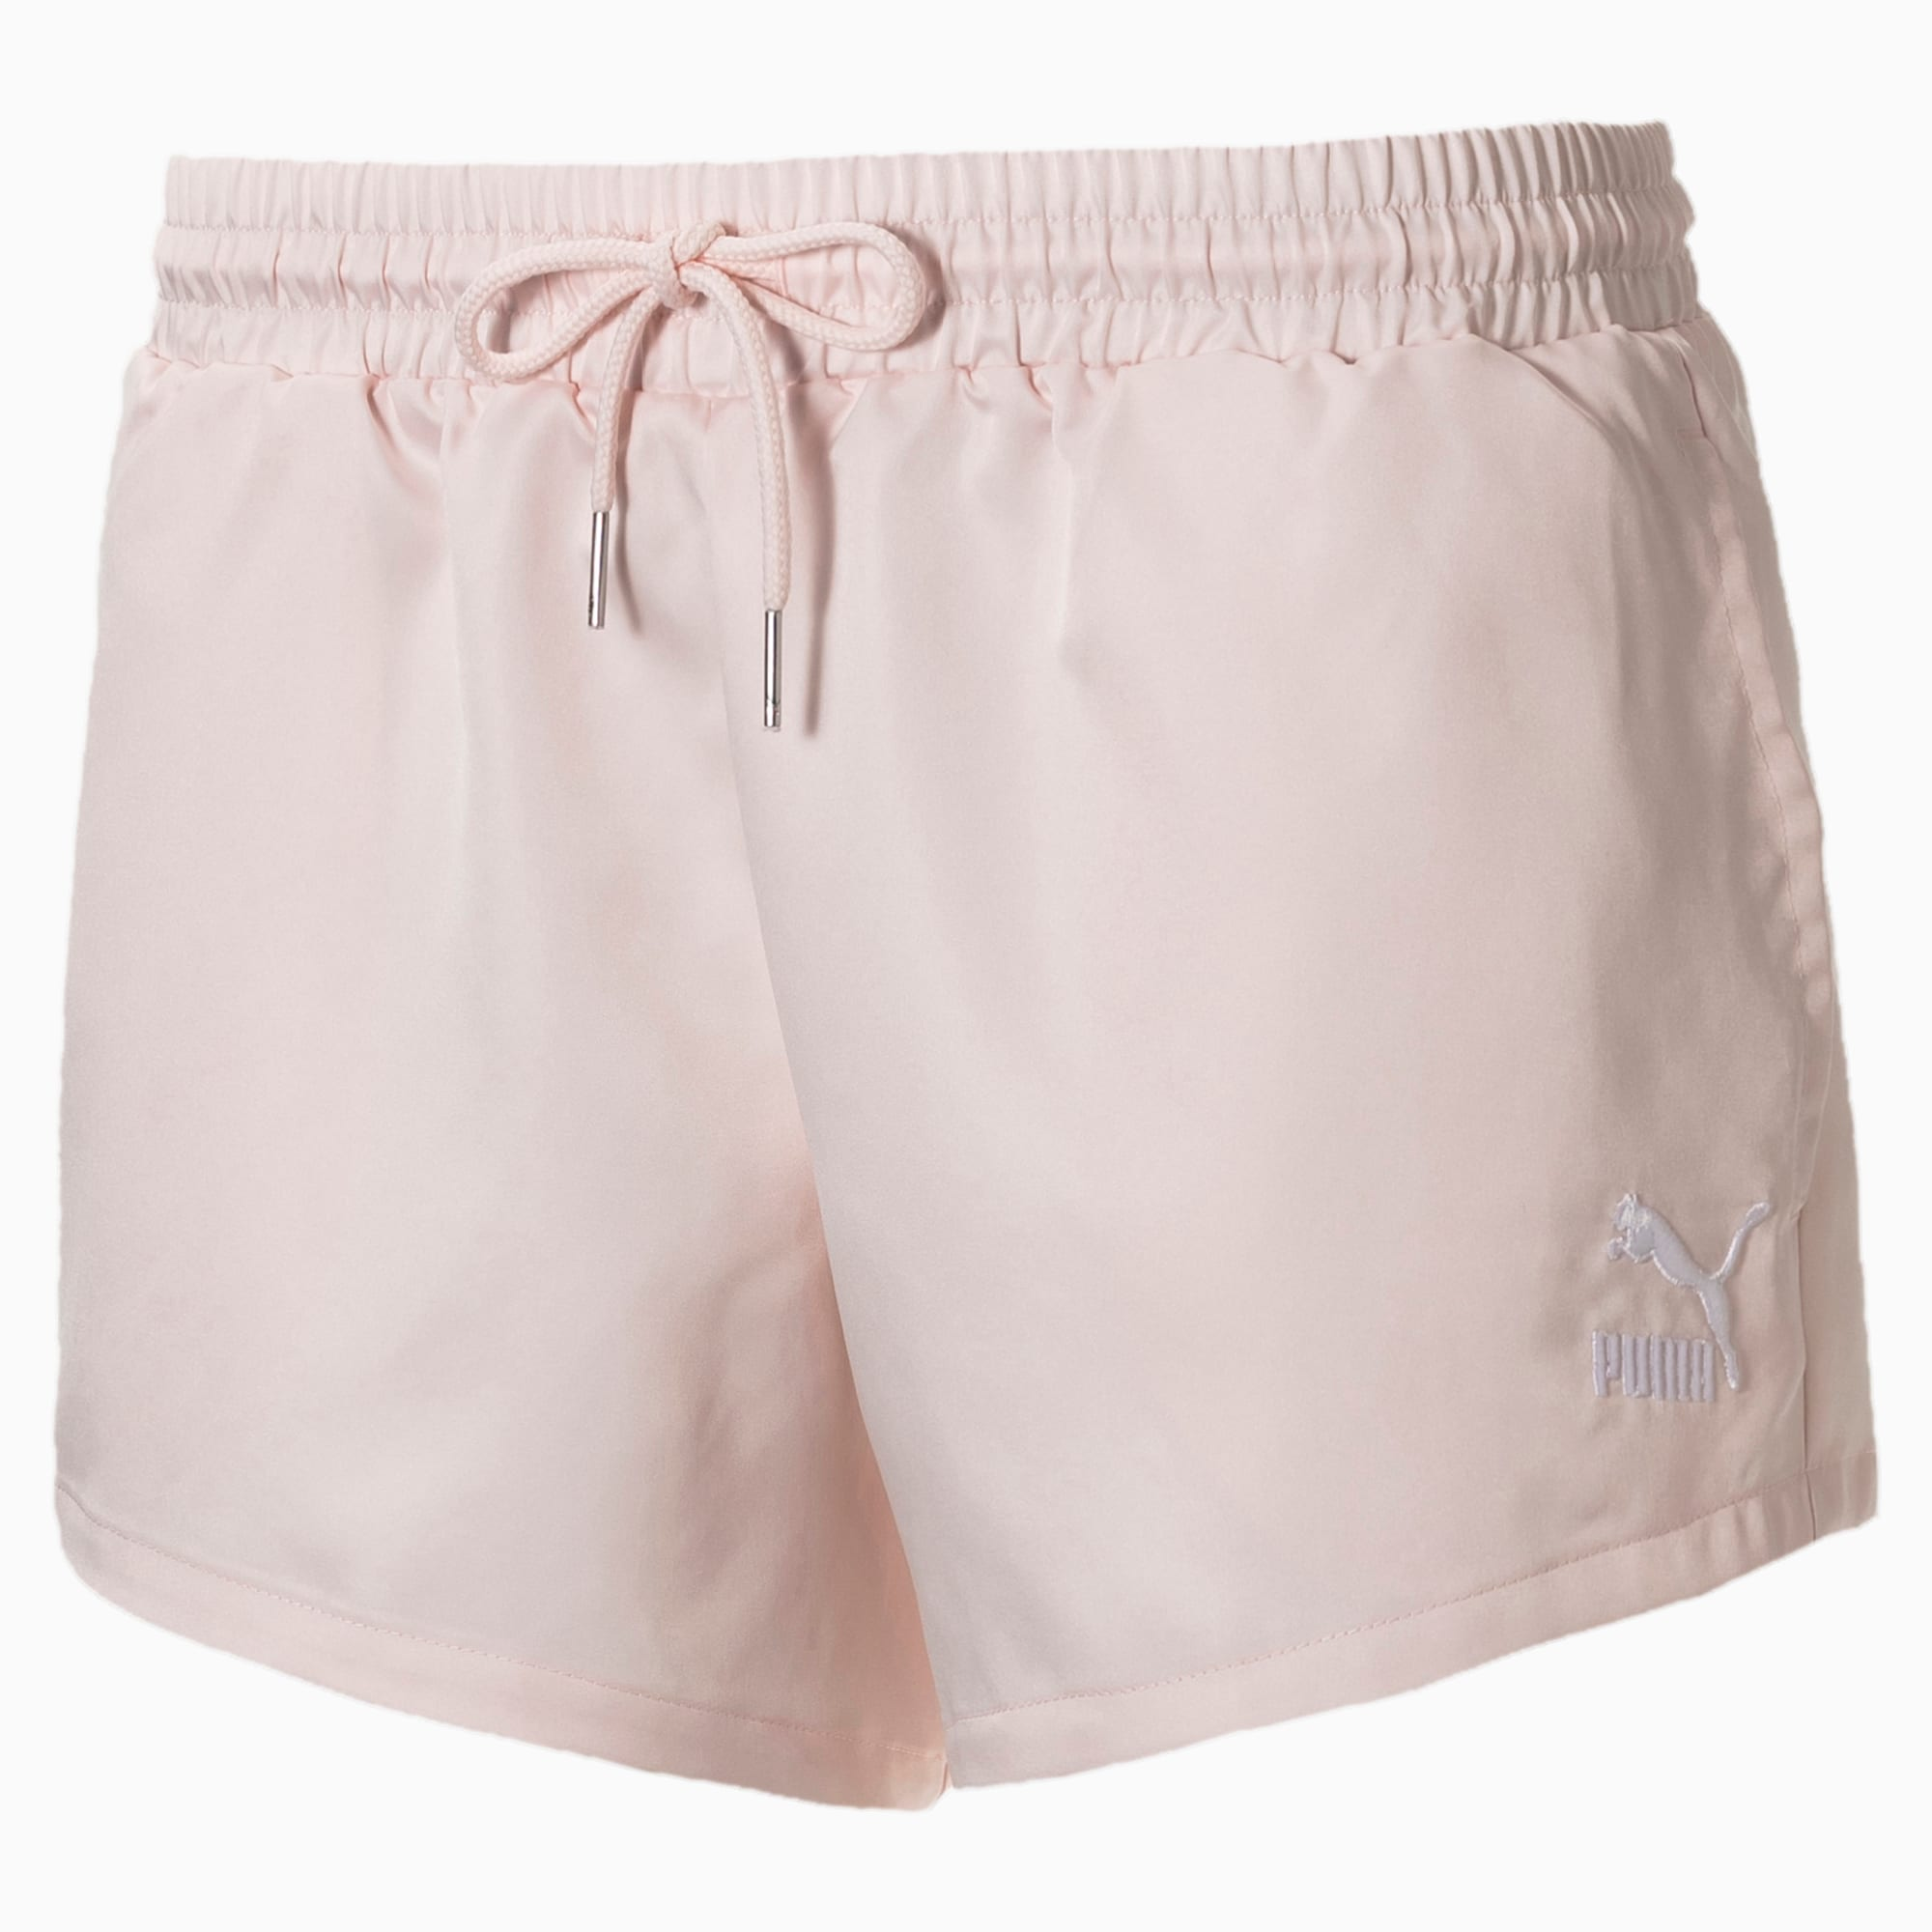 Puma Summer Shorts Pantalones Cortos Mujer Mujer Pantalones Cortos